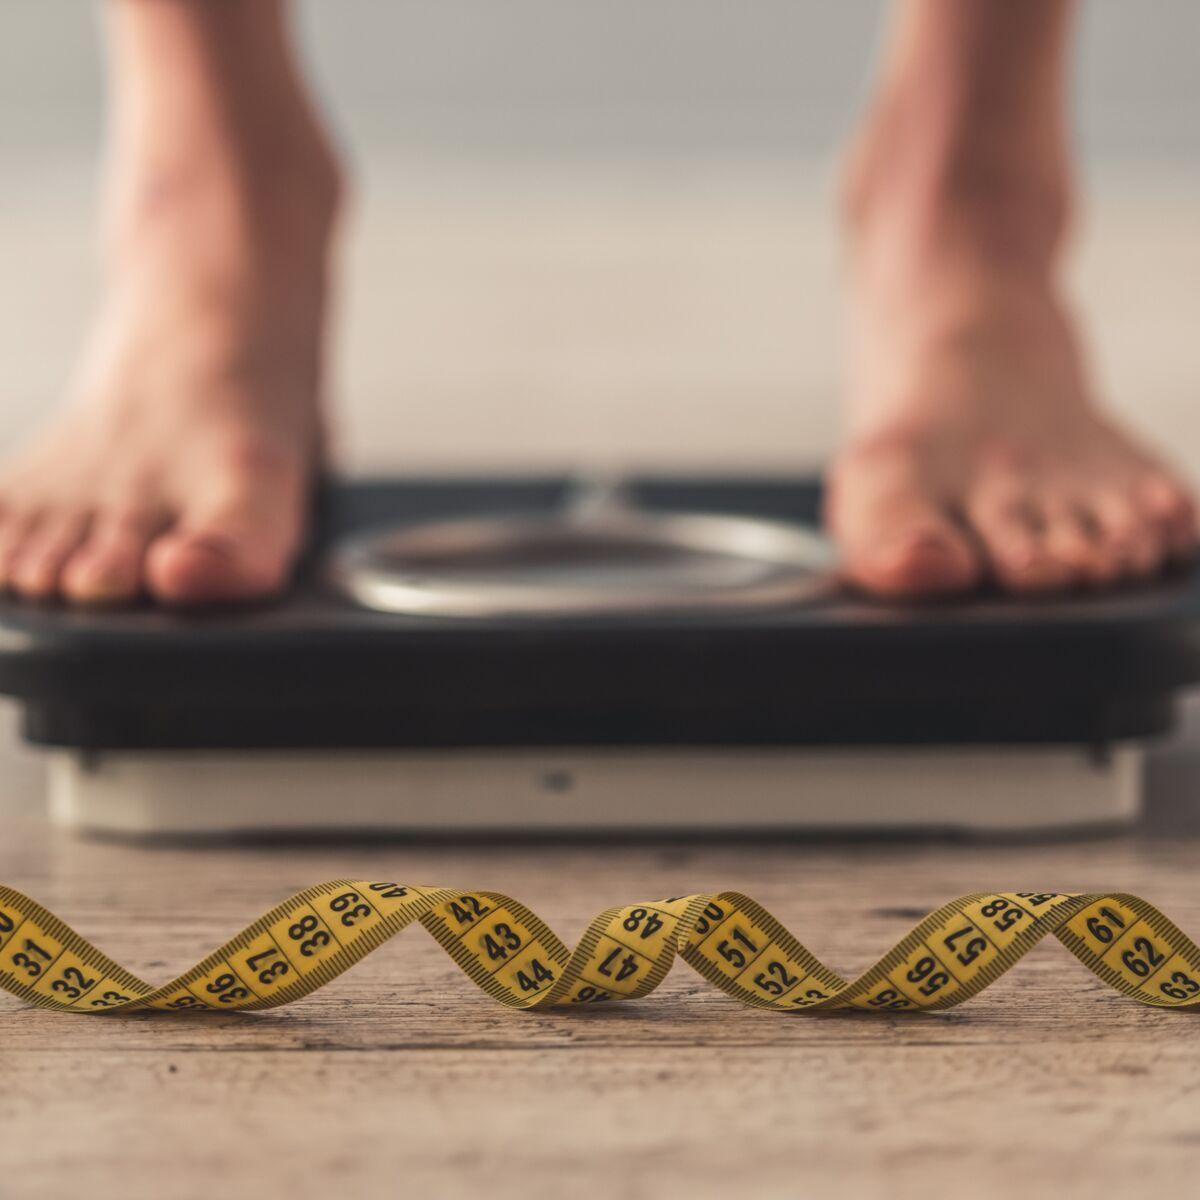 camp de perte de poids utah le coolculpting élimine-t-il les cellules graisseuses